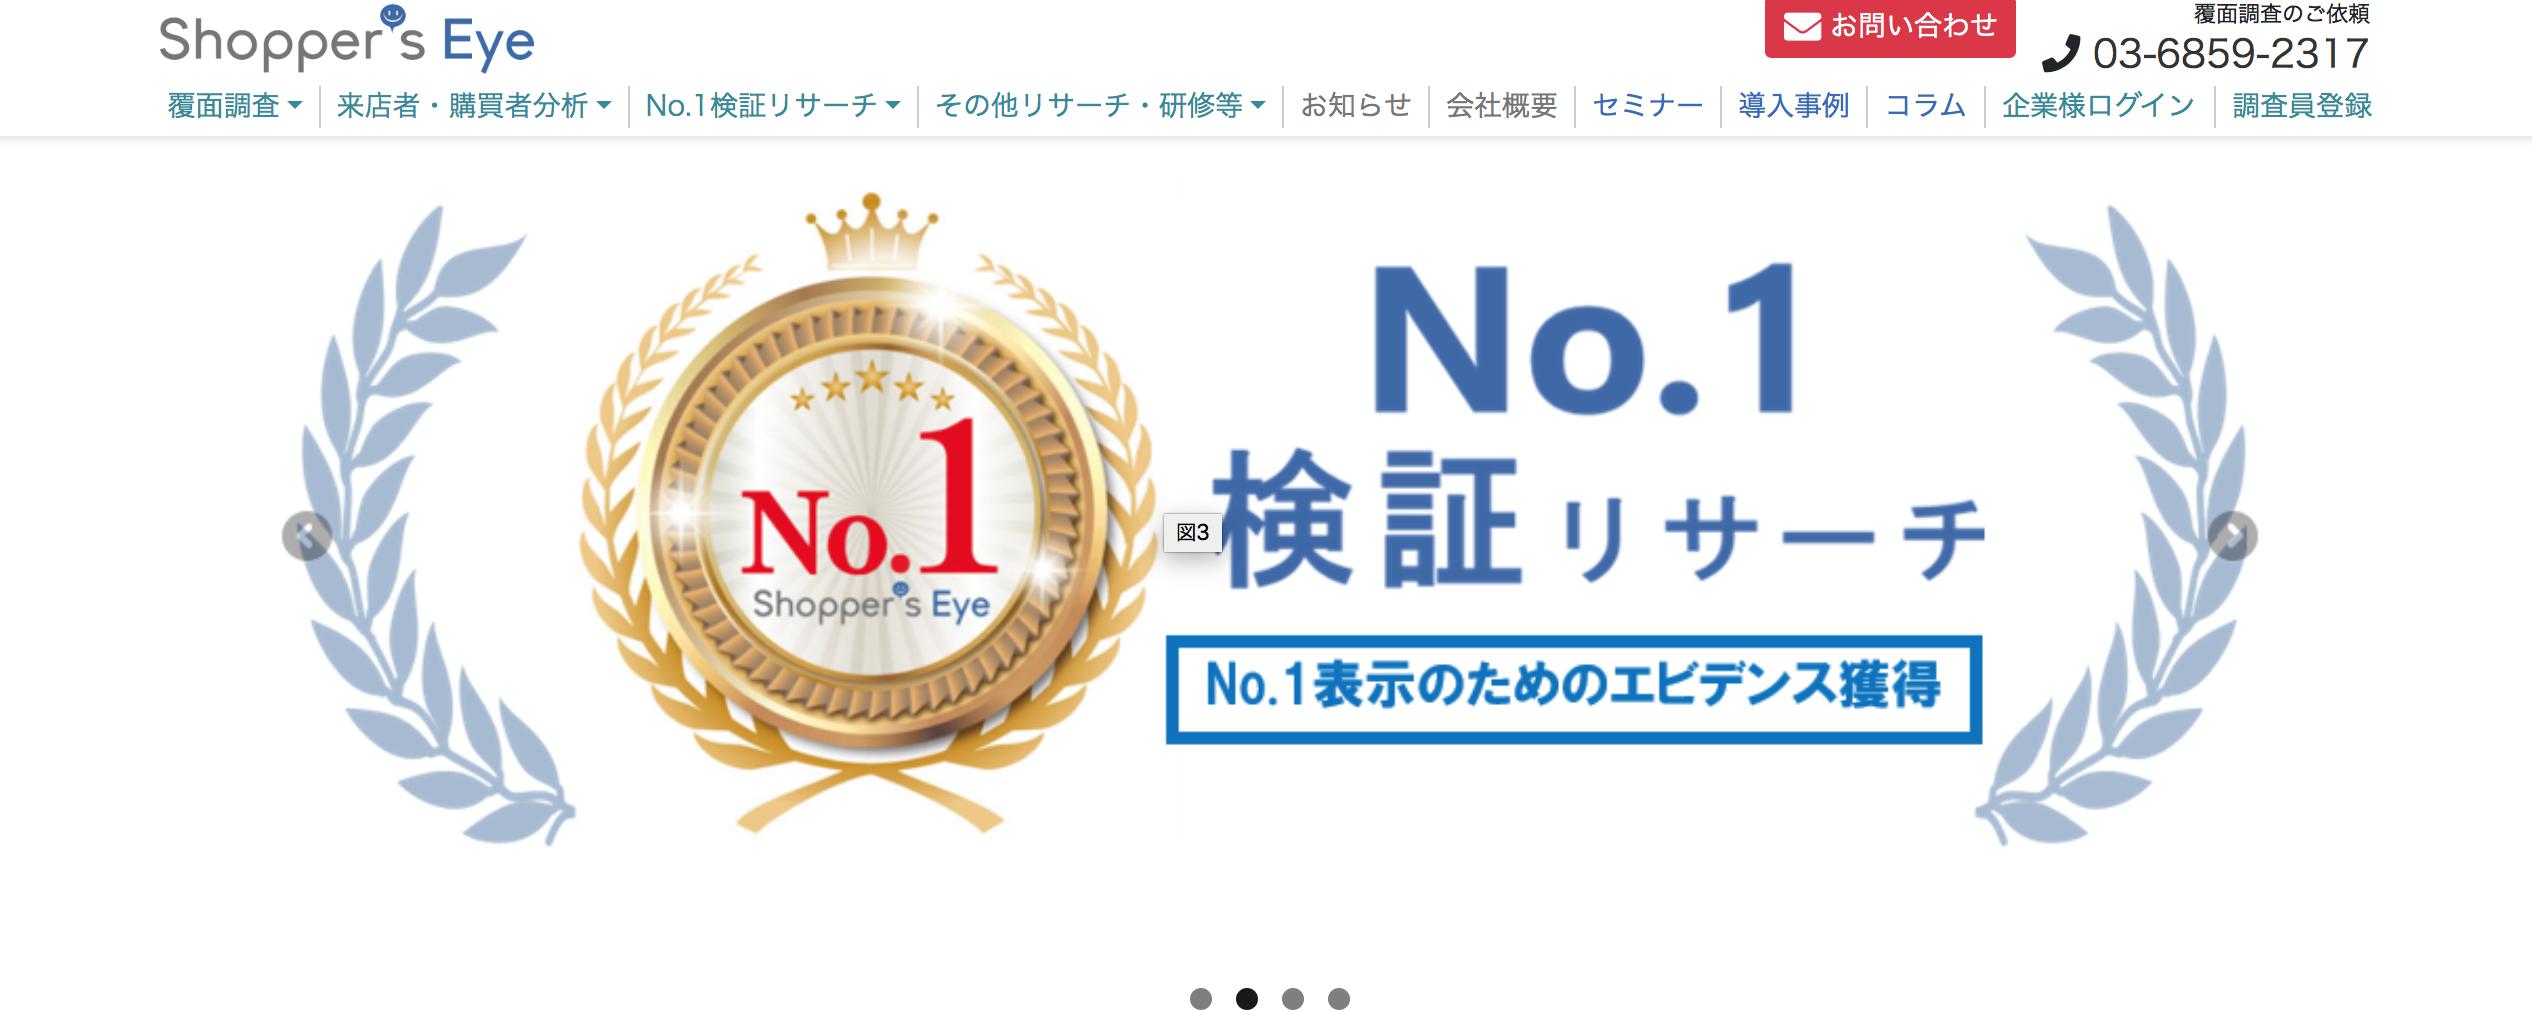 ショッパーズアイ_サイトtop